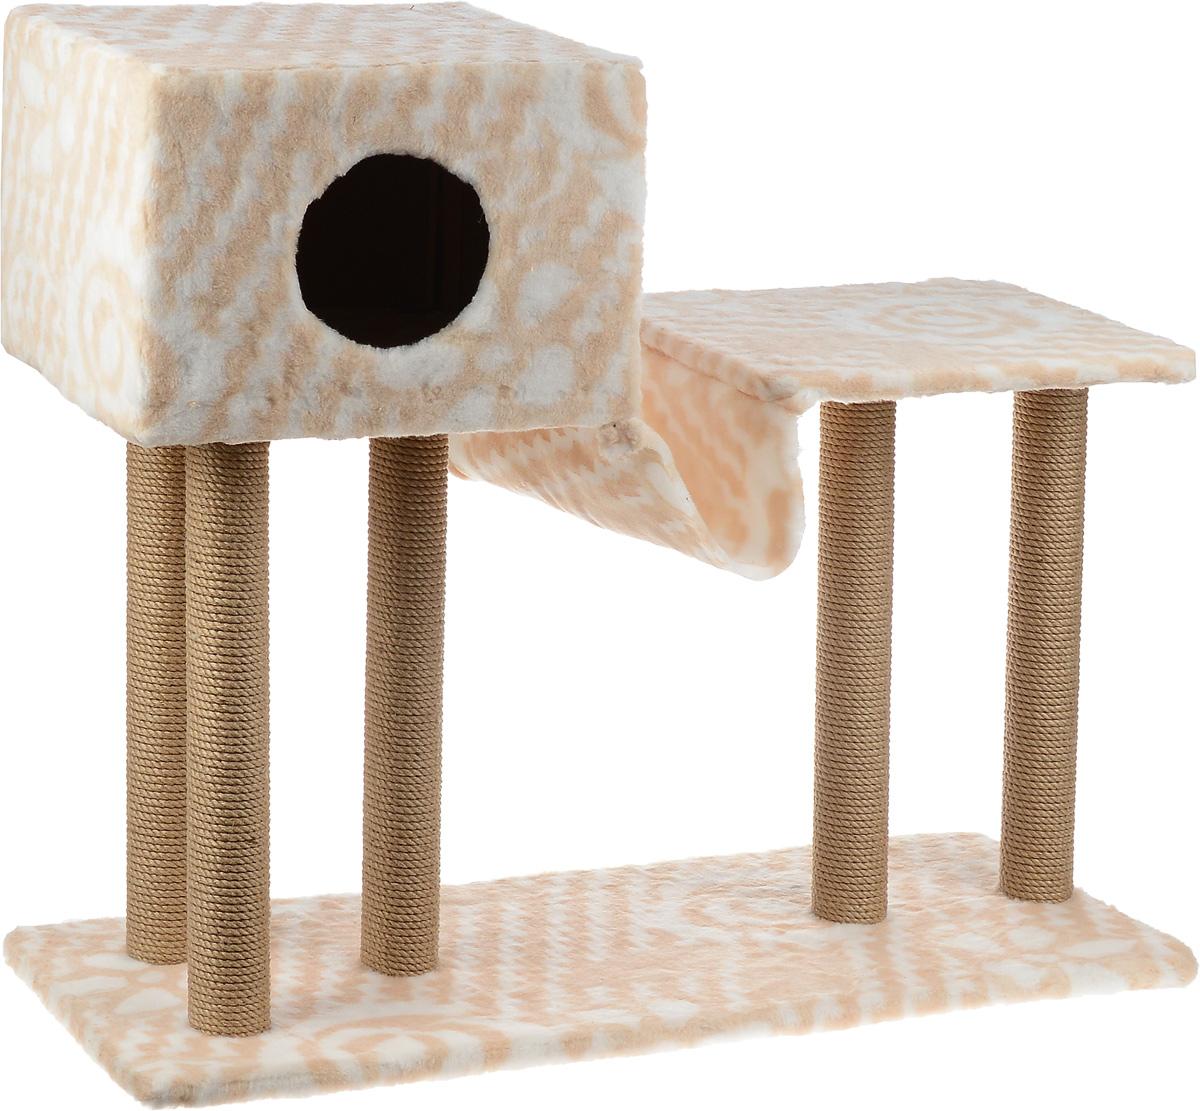 Игровой комплекс для кошек Меридиан, с домиком и гамаком, цвет: белый, бежевый, 90 х 40 х 1080 см0120710Игровой комплекс для кошек Меридиан выполнен из высококачественного ДВП и ДСП и обтянут искусственным мехом. Изделие предназначено для кошек. Ваш домашний питомец будет с удовольствием точить когти о специальные столбики, изготовленные из джута. А отдохнуть он сможет в домике, на полках или в удобном гамаке.Общий размер: 90 х 40 х 80 см.Размер основания: 90 х 40 см.Высота полки: 53 см.Размер домика: 40 х 40 х 28 см.Размер полки: 39 х 39 см.